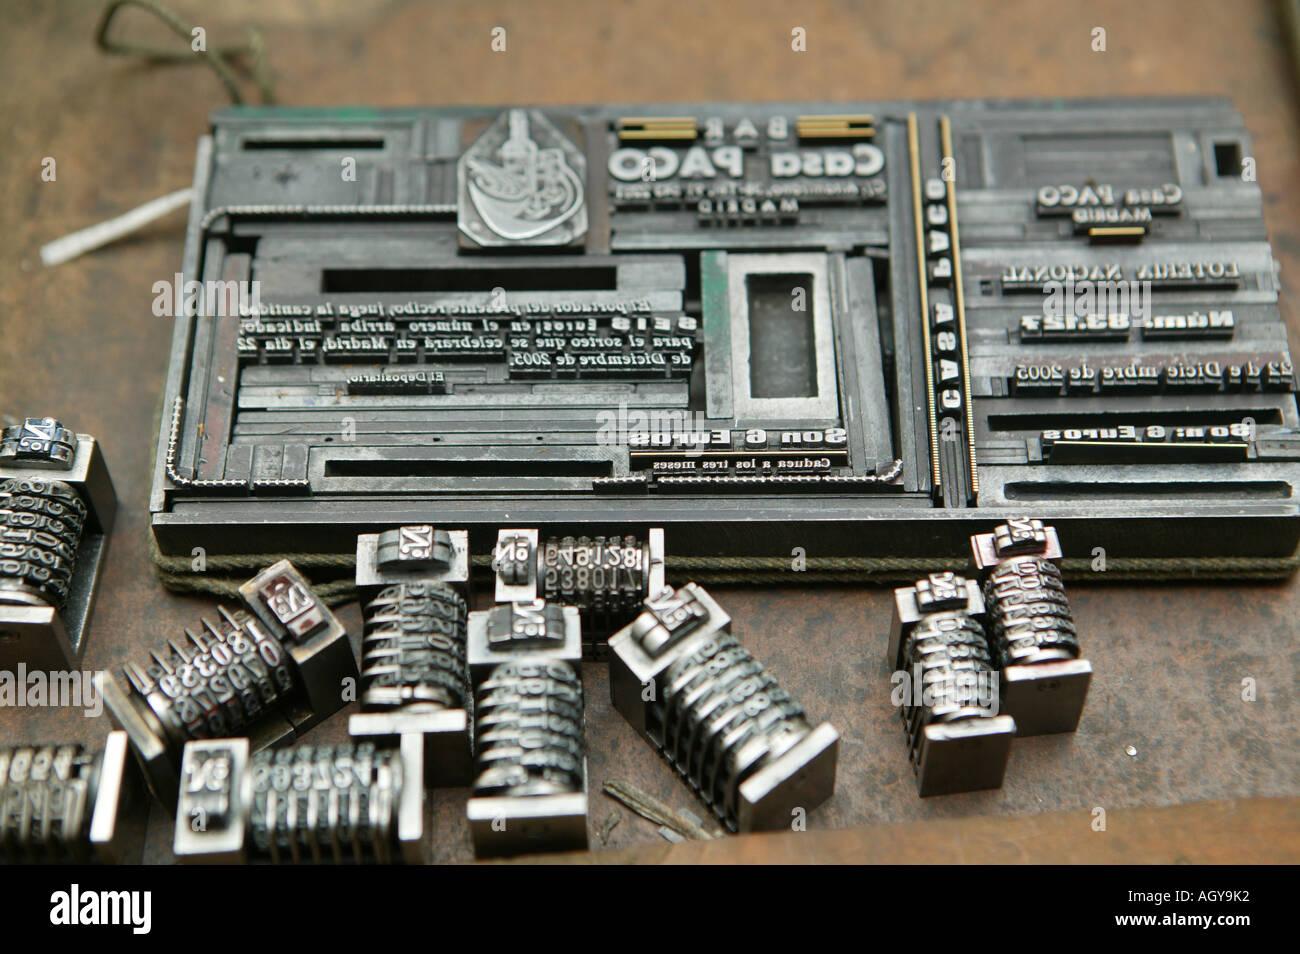 Stampa, stamperie, act, pezzo, tipografia, reliefprinter, illustrazione, arte, tecnica, invenzione, tipografo, aes Immagini Stock